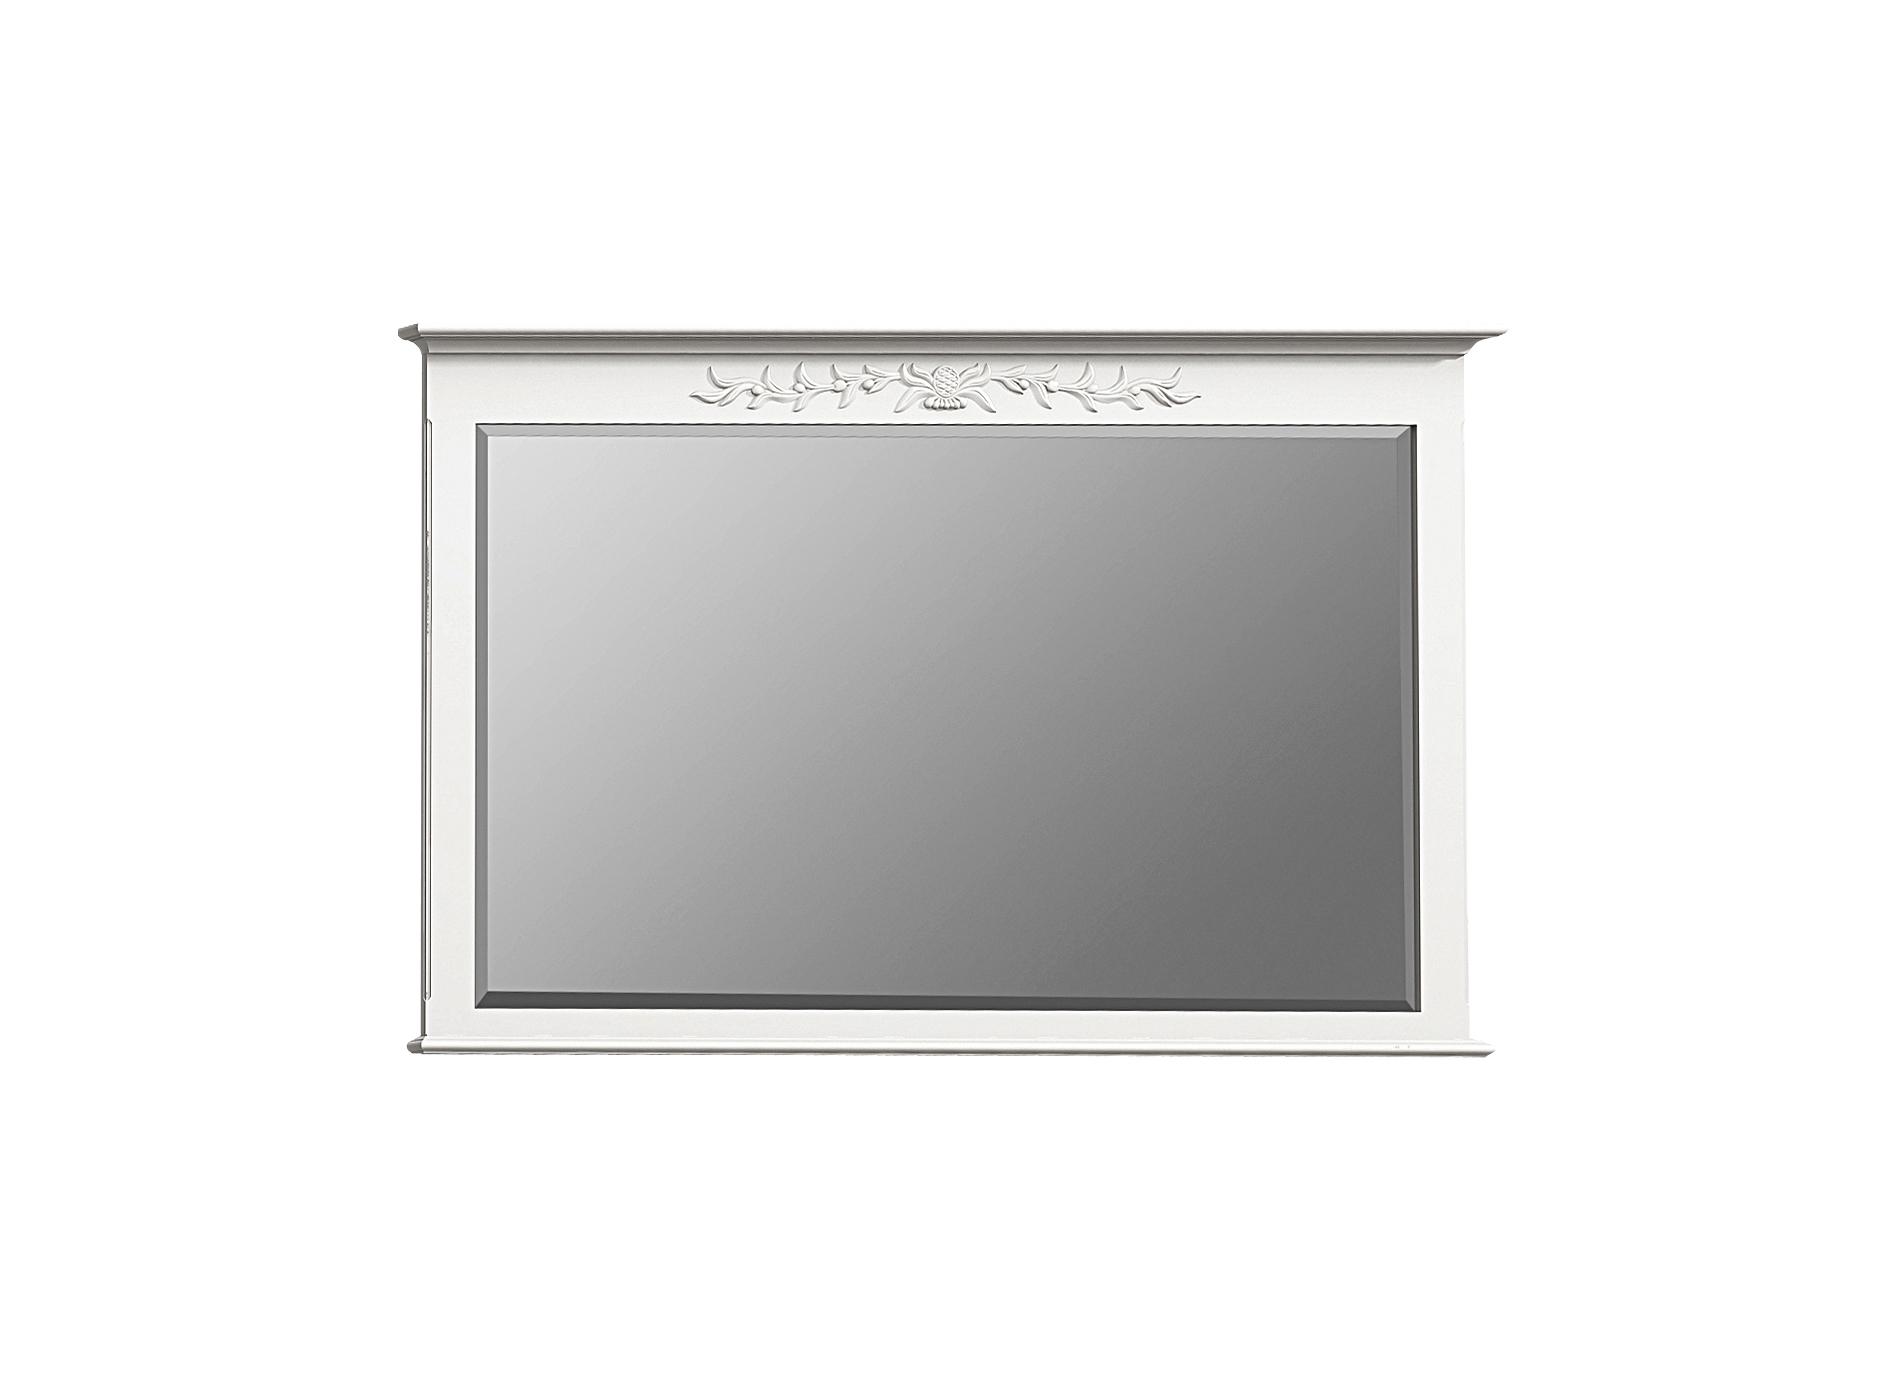 Зеркало La Neige 15443610 от thefurnish